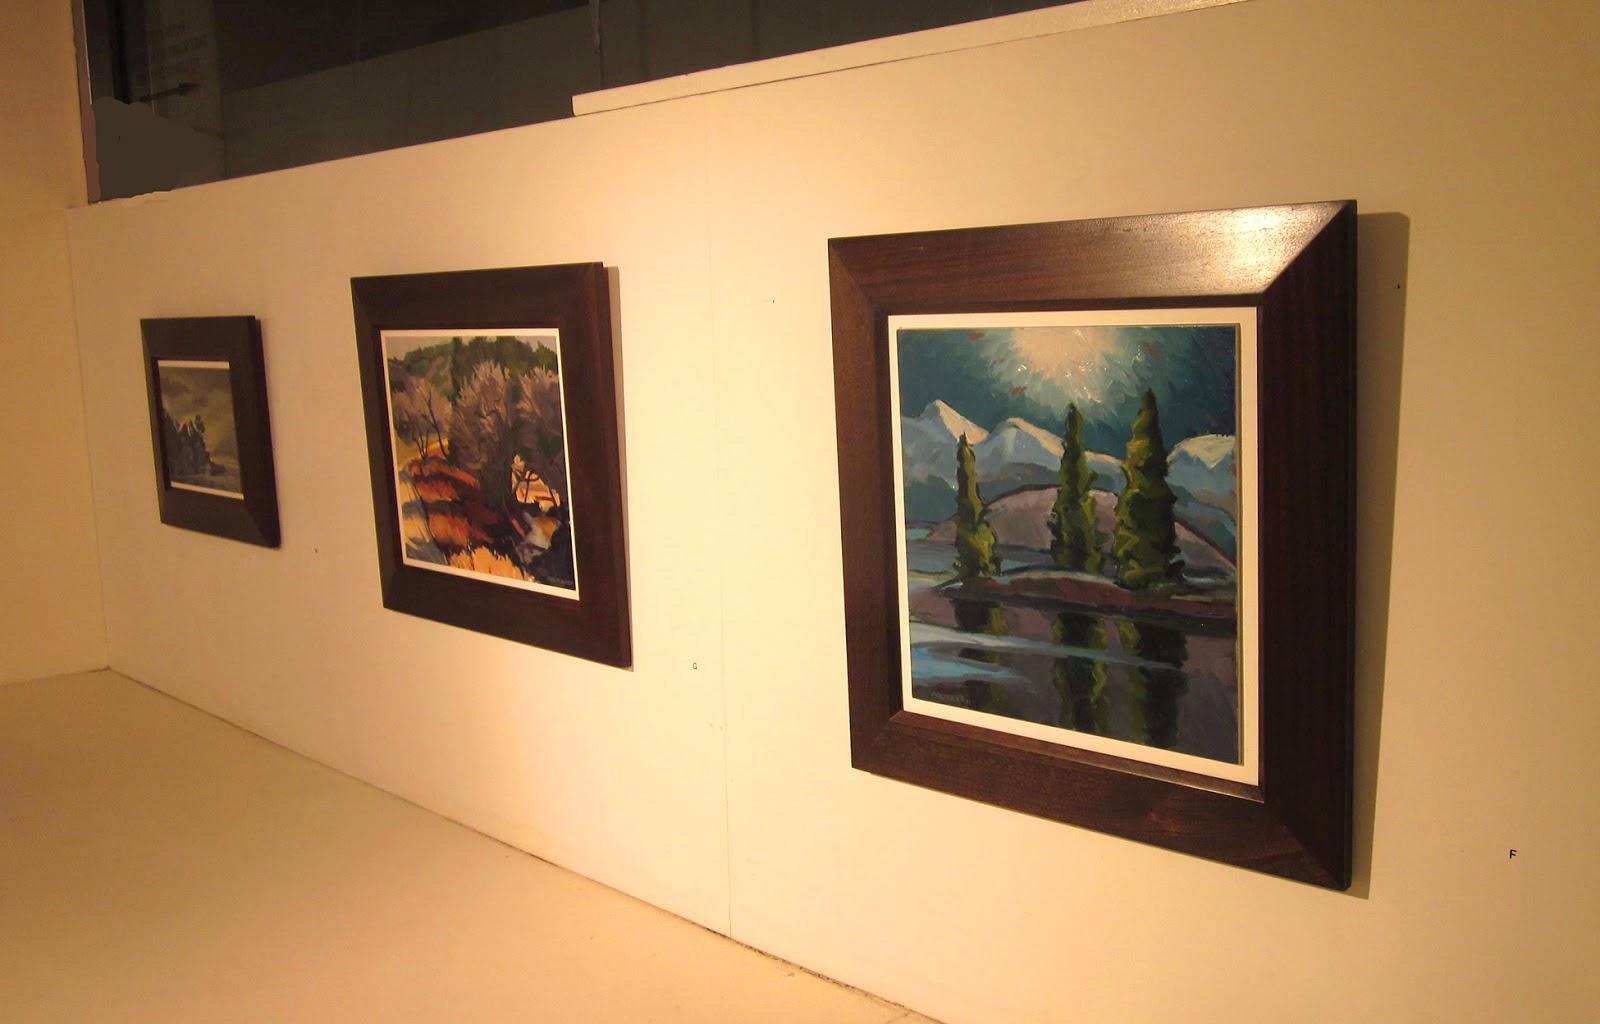 Billis Gallery Show Tour Part III